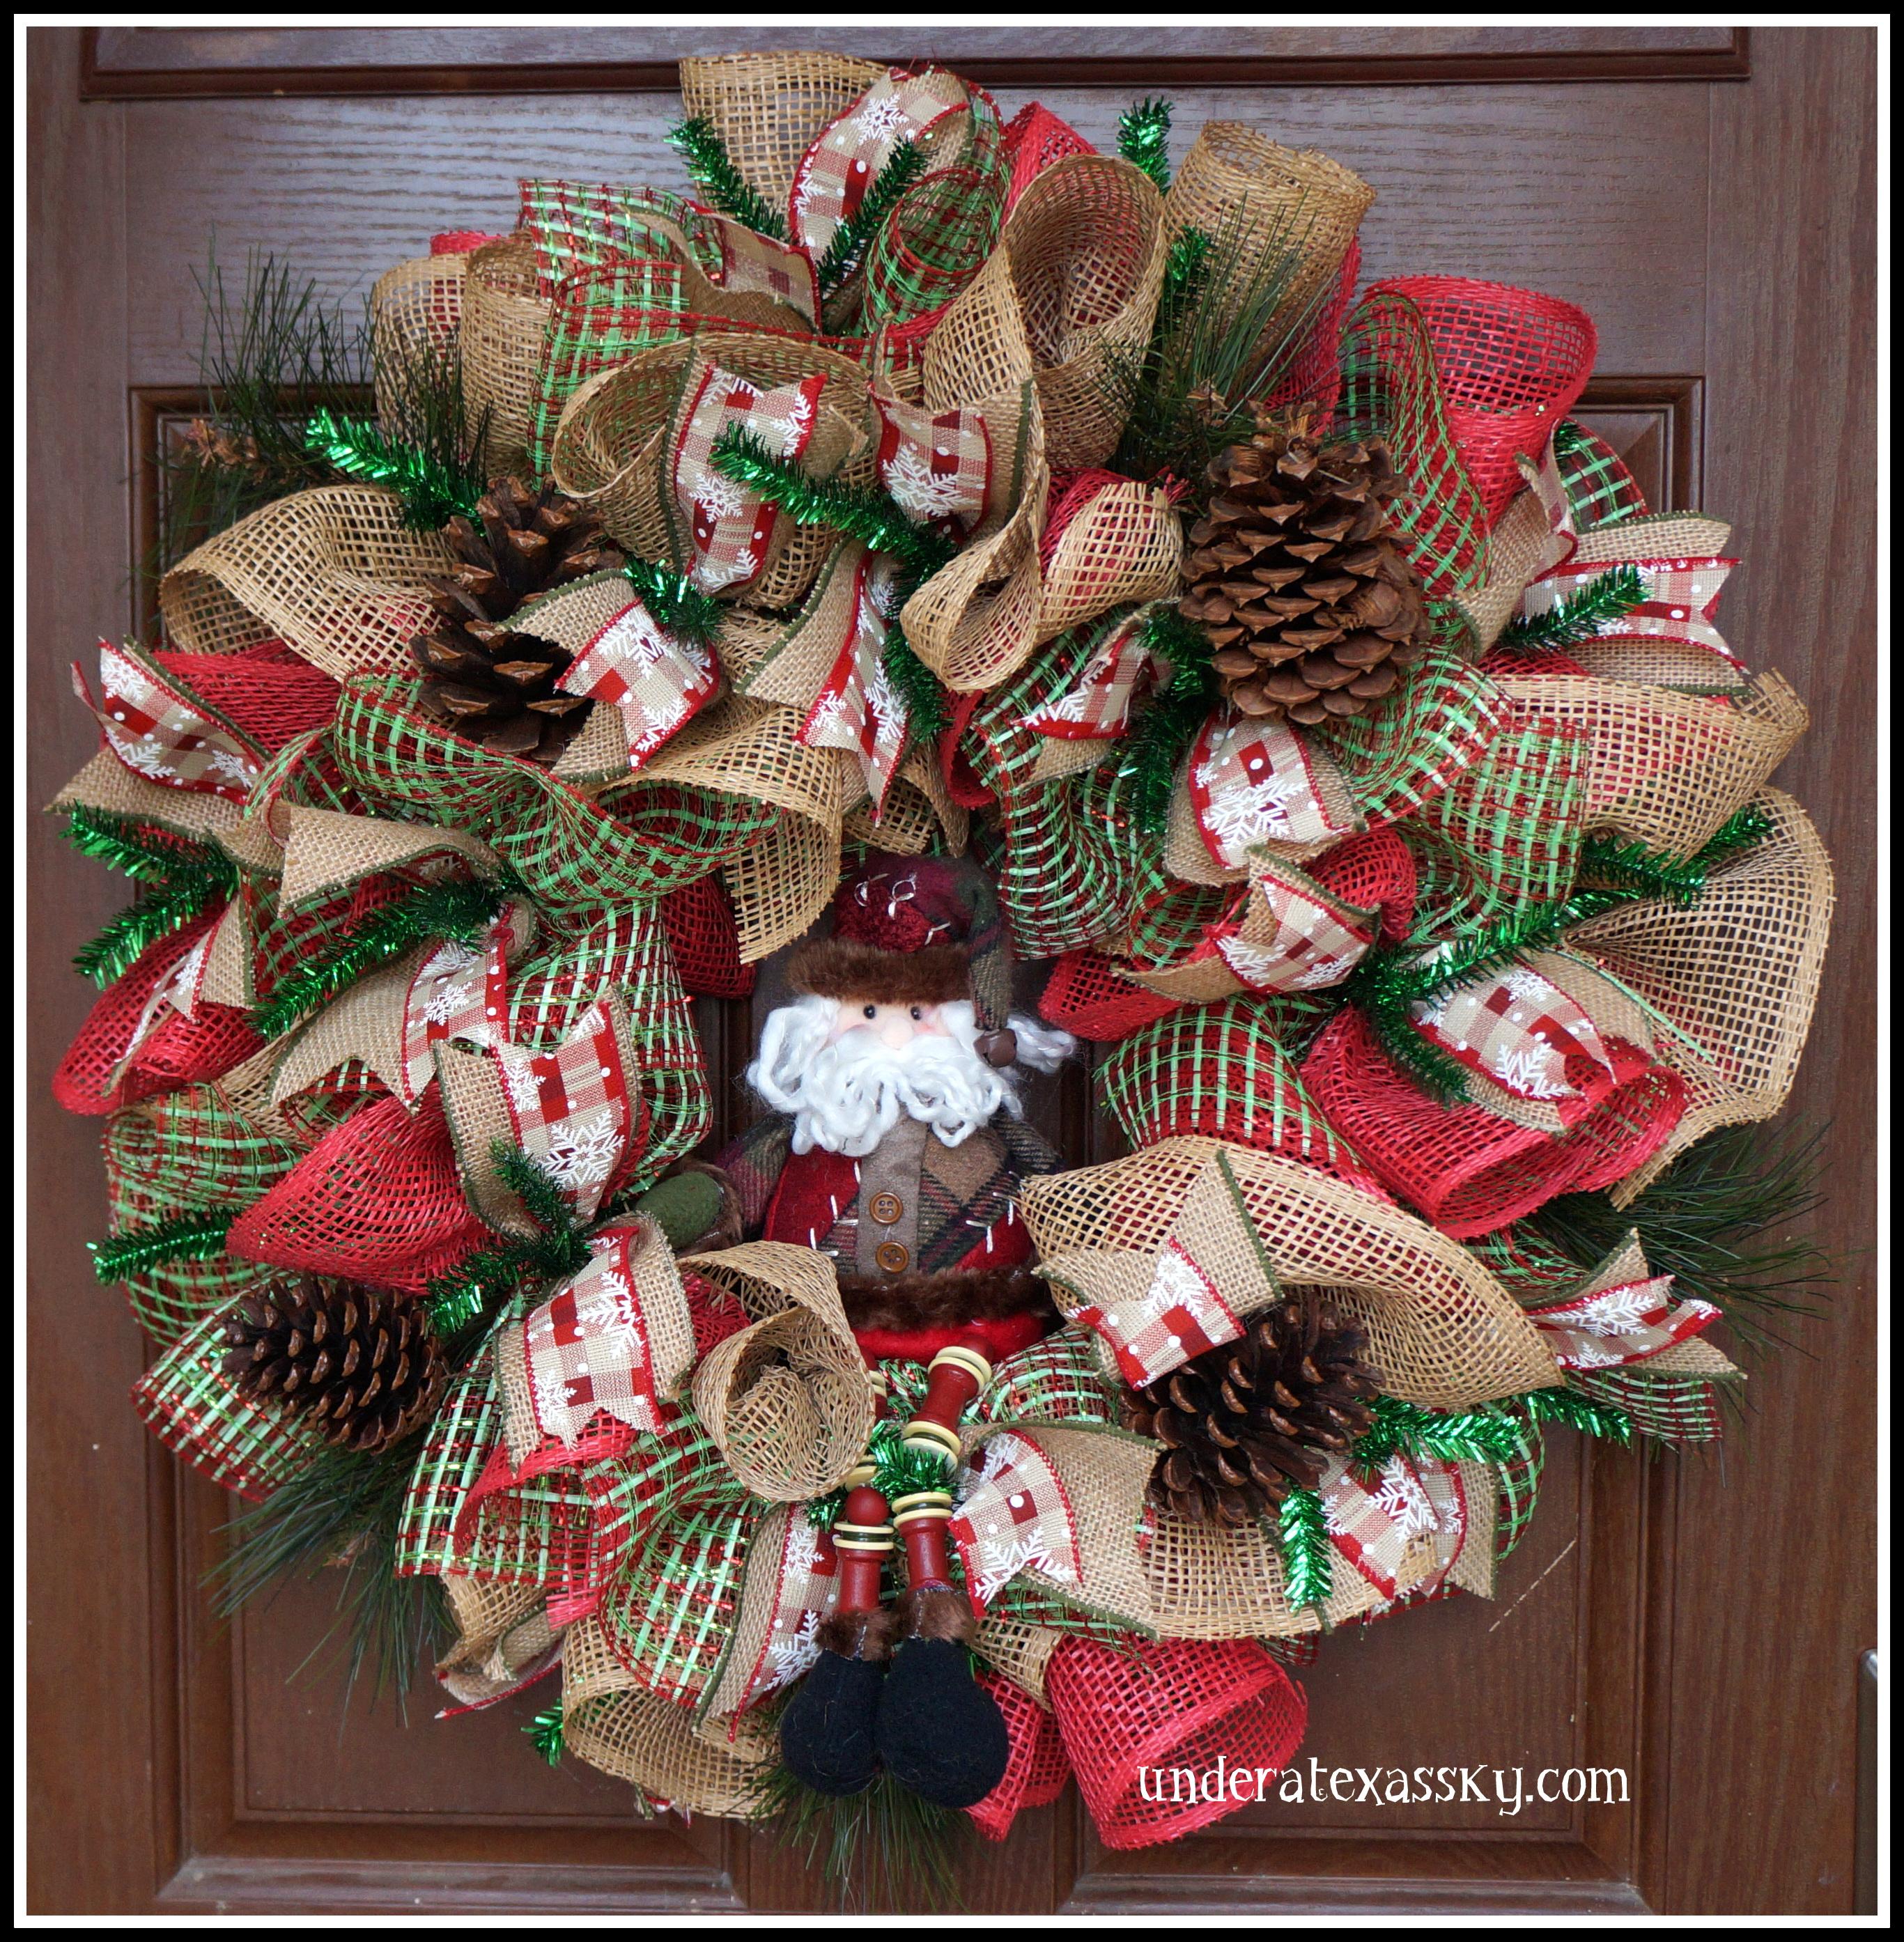 Christmas Wreaths Under A Texas Sky